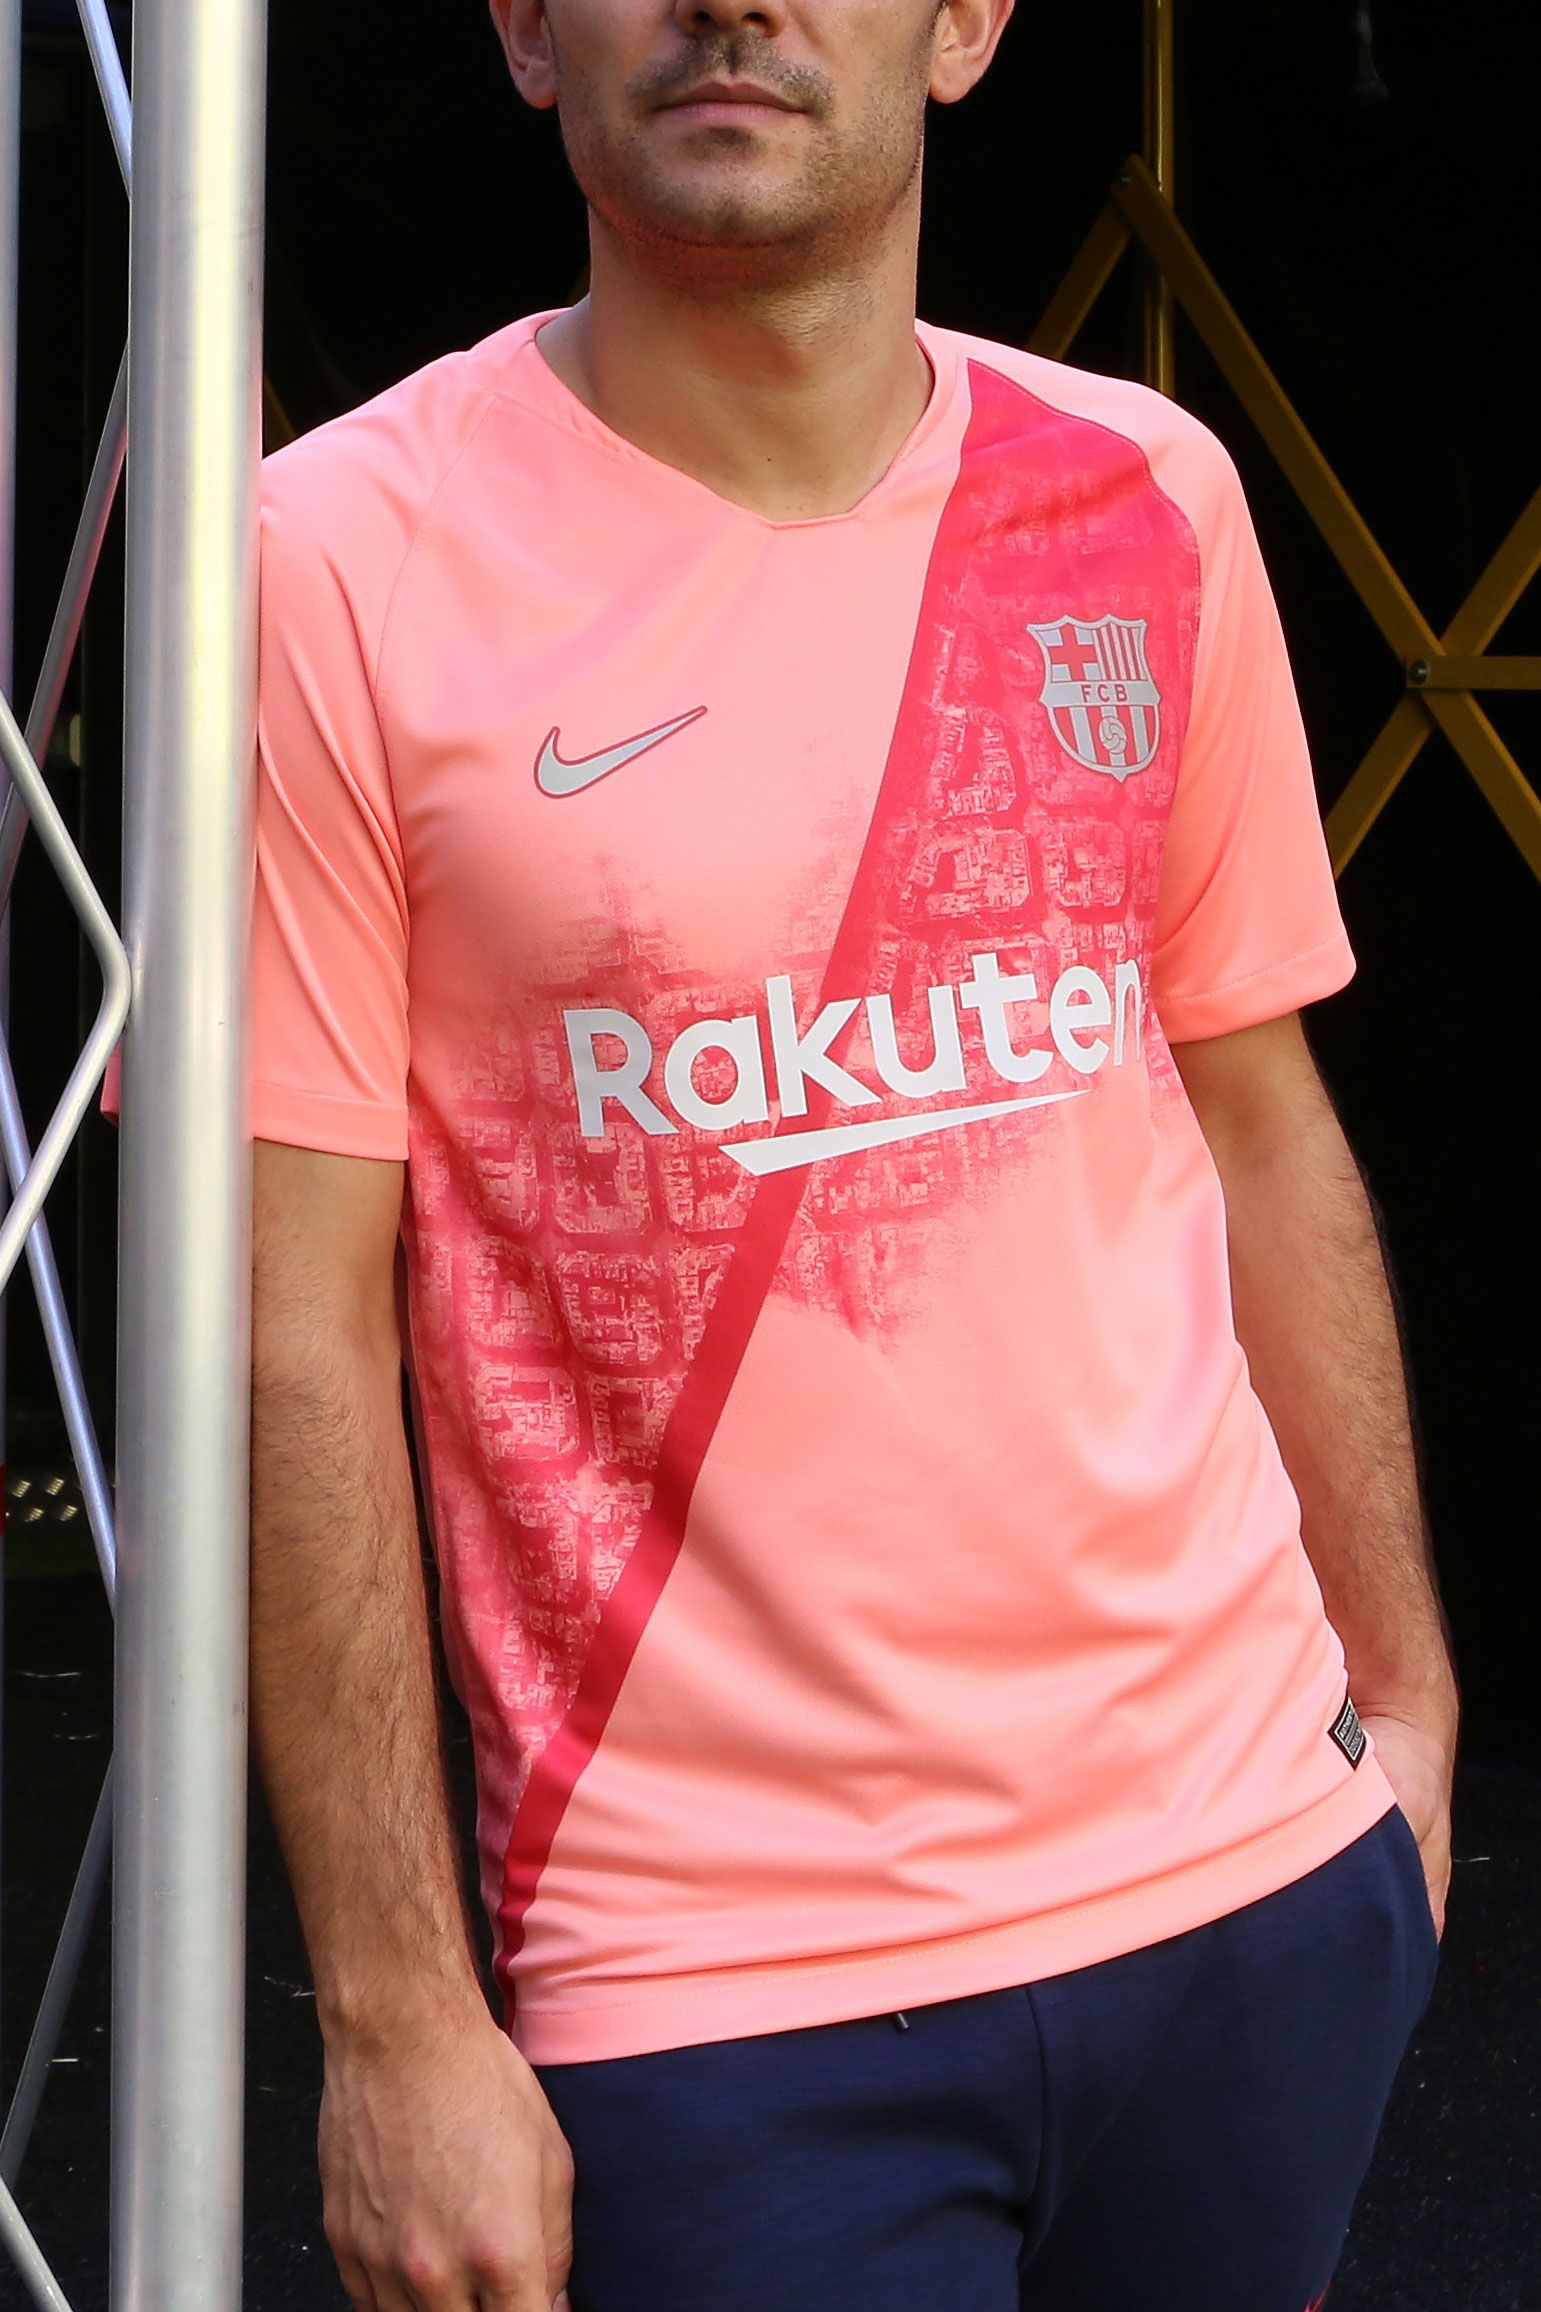 Camiseta oficial Nike tercera equipación FC Barcelona 2018 2019 - rosa  Foto  Marcela Sansalvador para dbf76ac8203